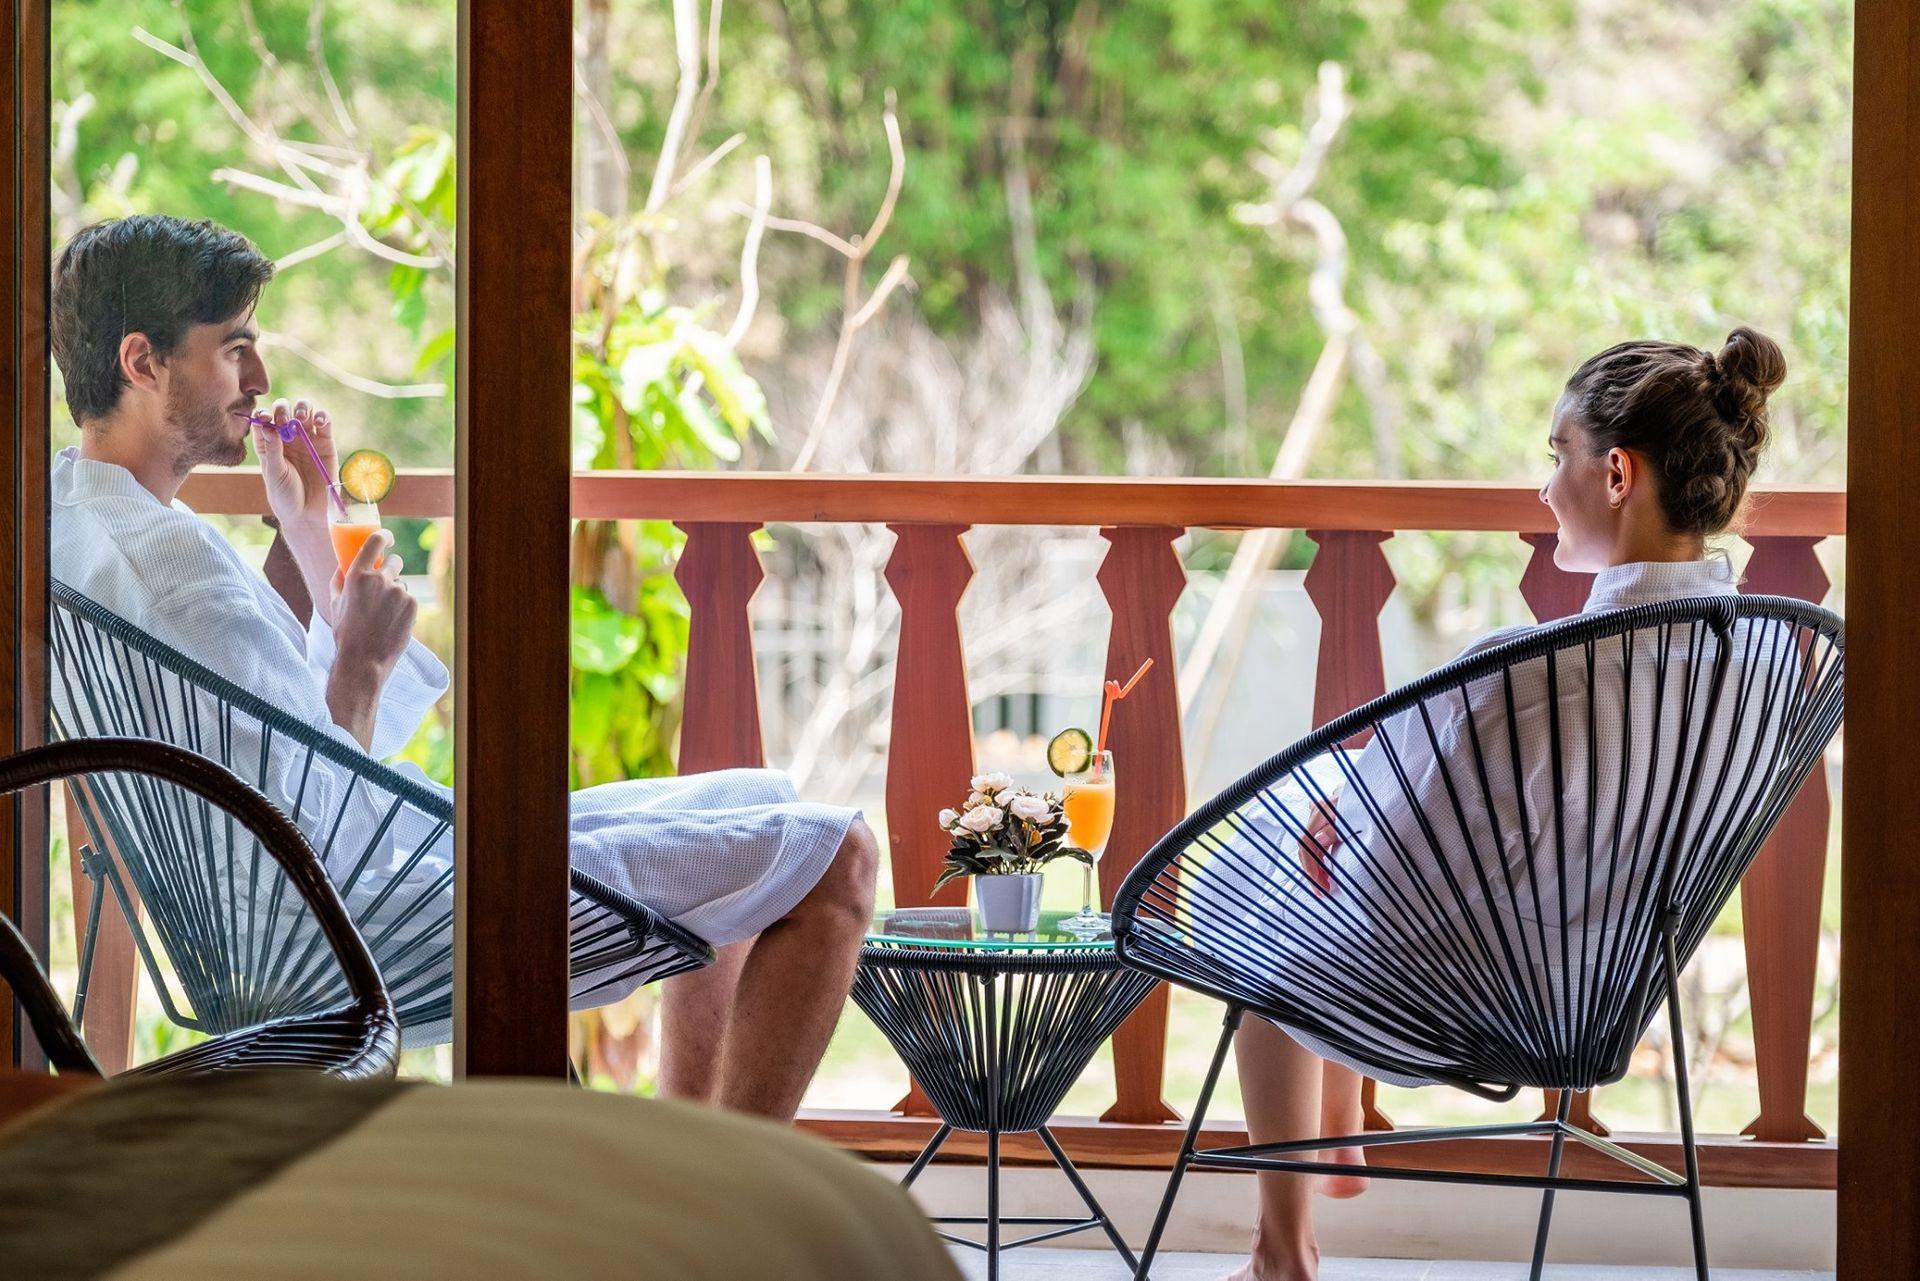 hoat dong tai mai chau moutain view resort hoa binh